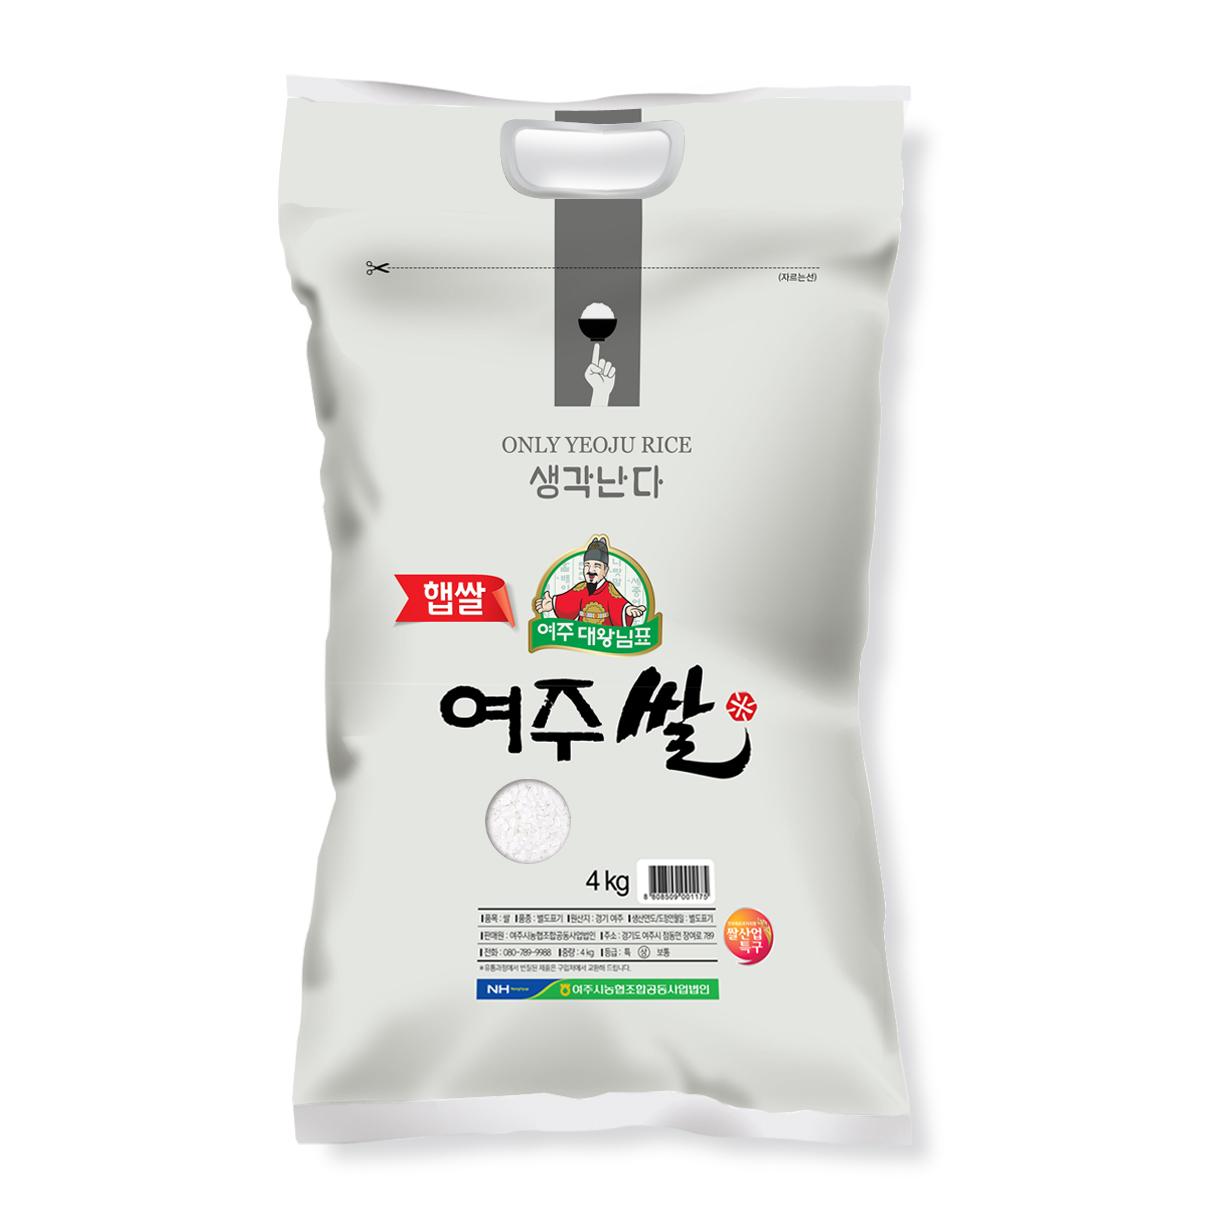 [2021년 햅쌀] 농협 2021년 햅쌀 대왕님표 여주쌀, 4kg, 1개 - 랭킹3위 (22340원)